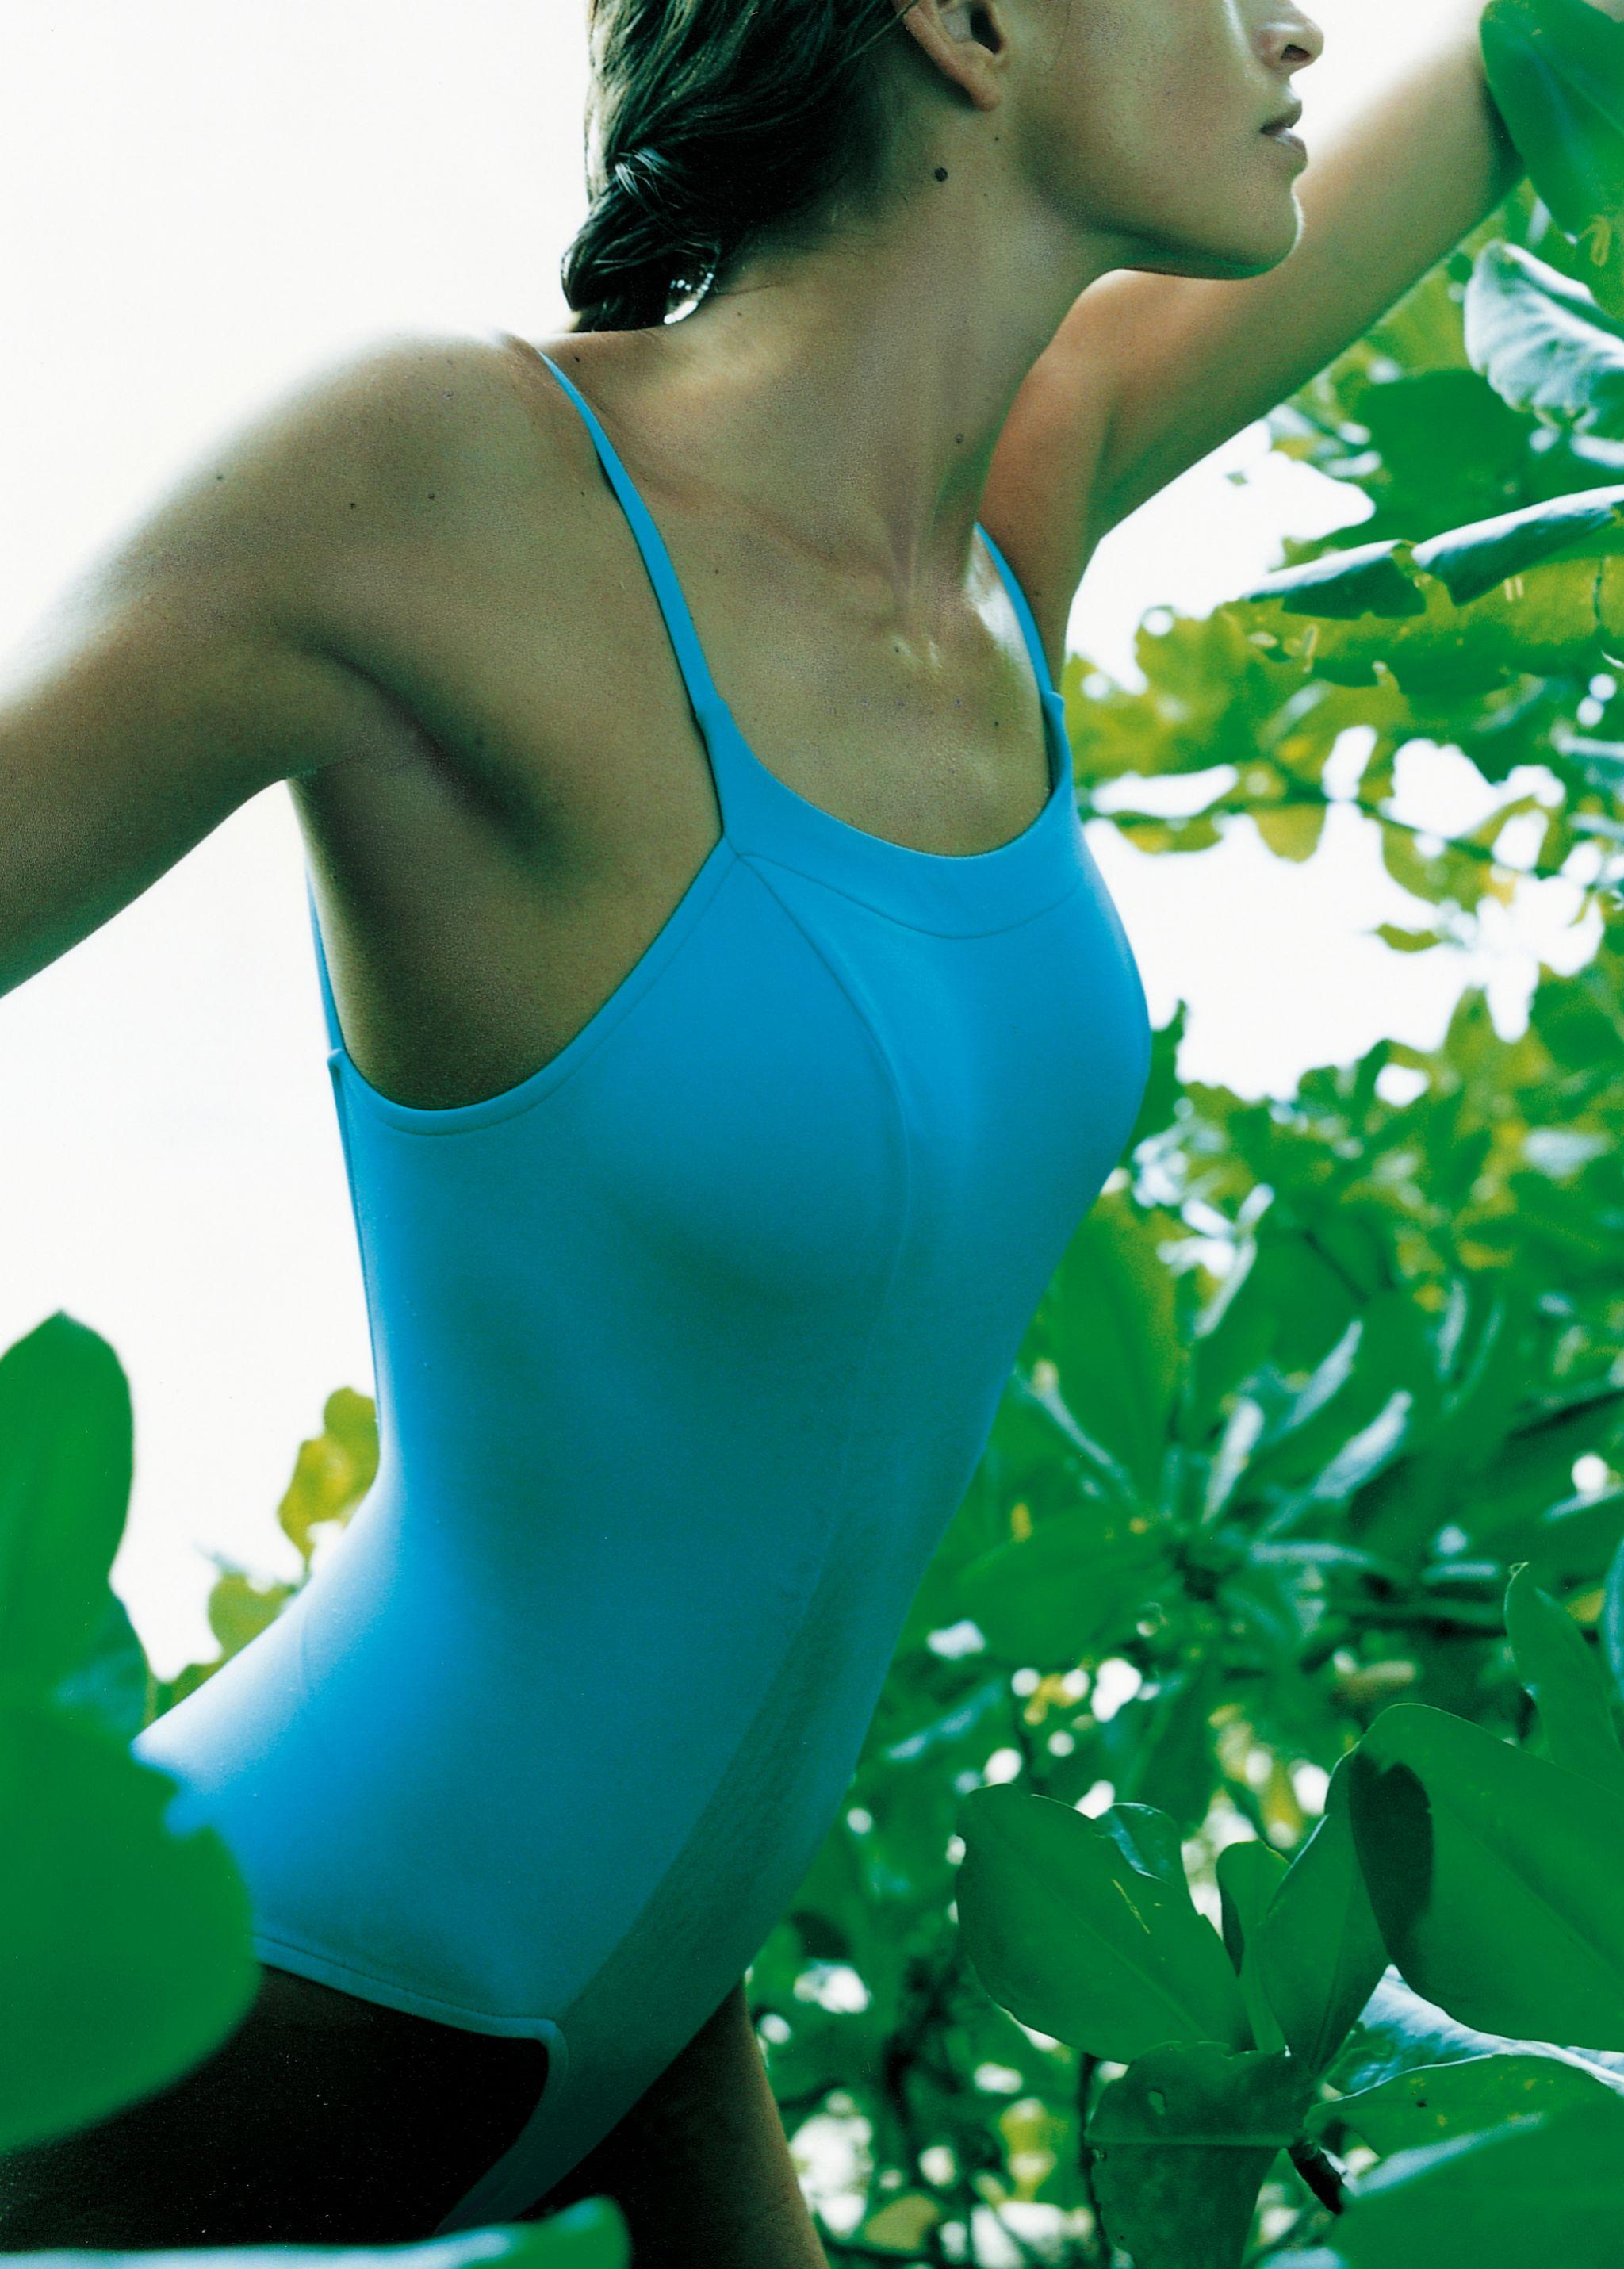 En la menopausia las mamas sufren cambios, igual que ocurre en el embarazo y la lactancia.